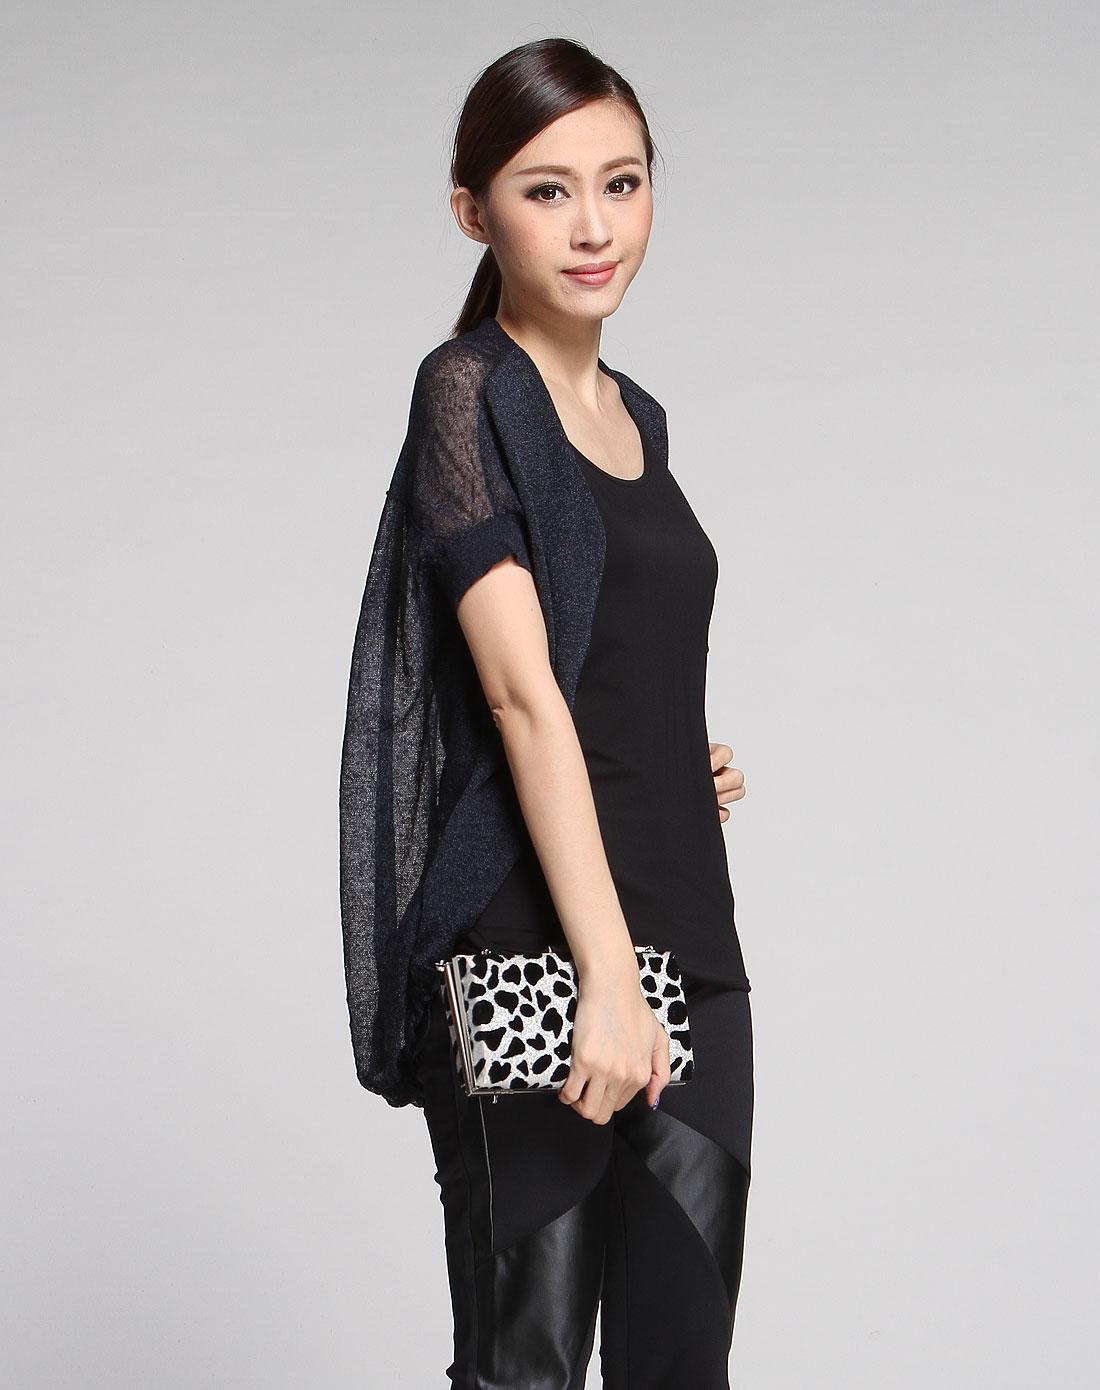 黑蓝色短袖休闲针织衫